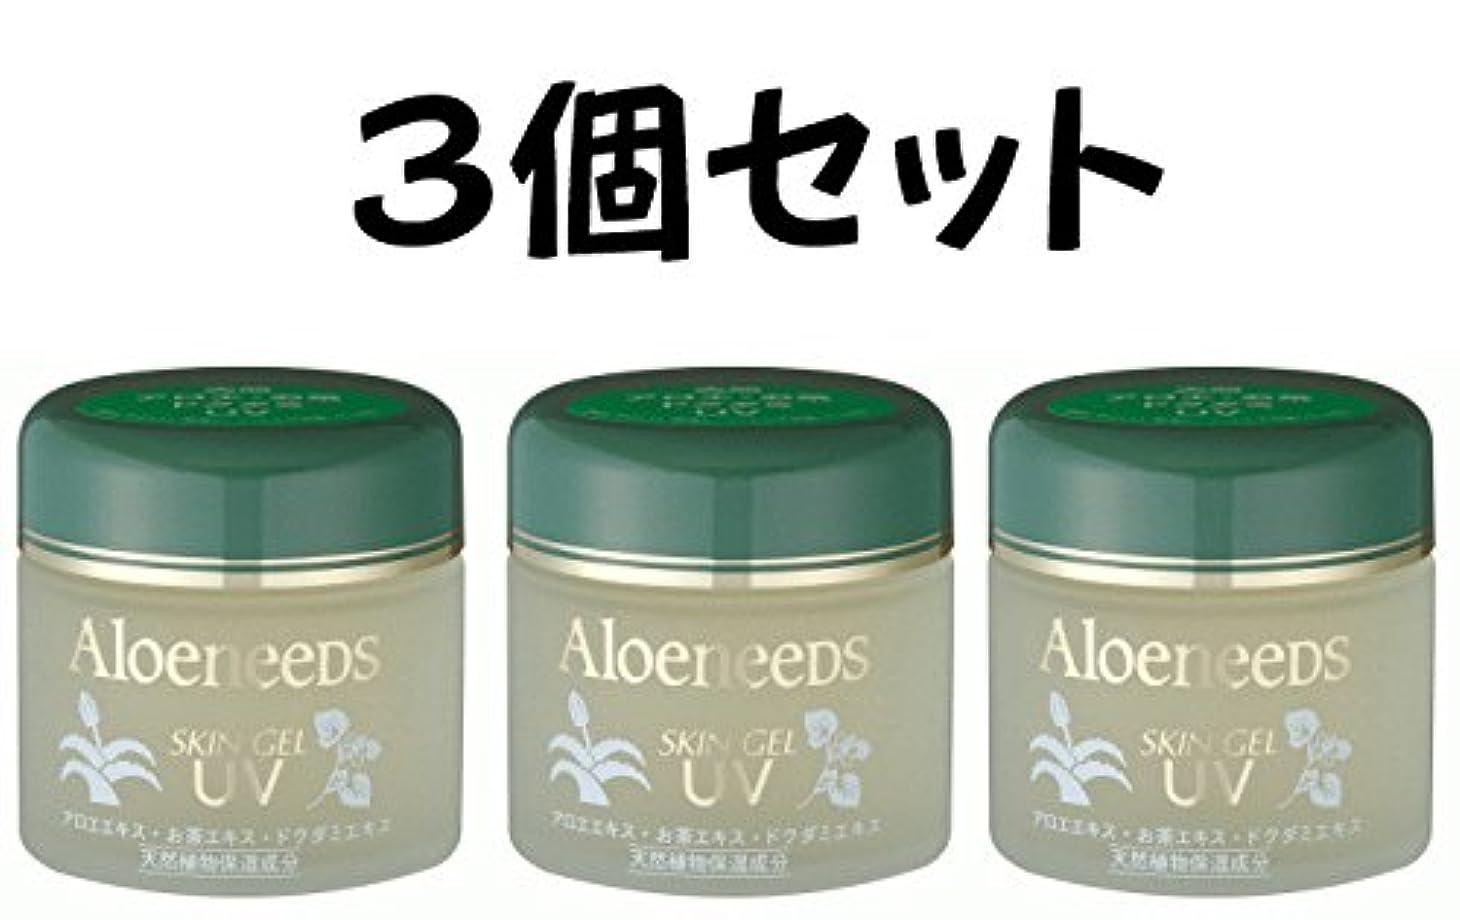 憂慮すべき領収書運動Aloeneeds アロニーズ スキンゲルUV 無油性保湿ジェル 90g 3個セット